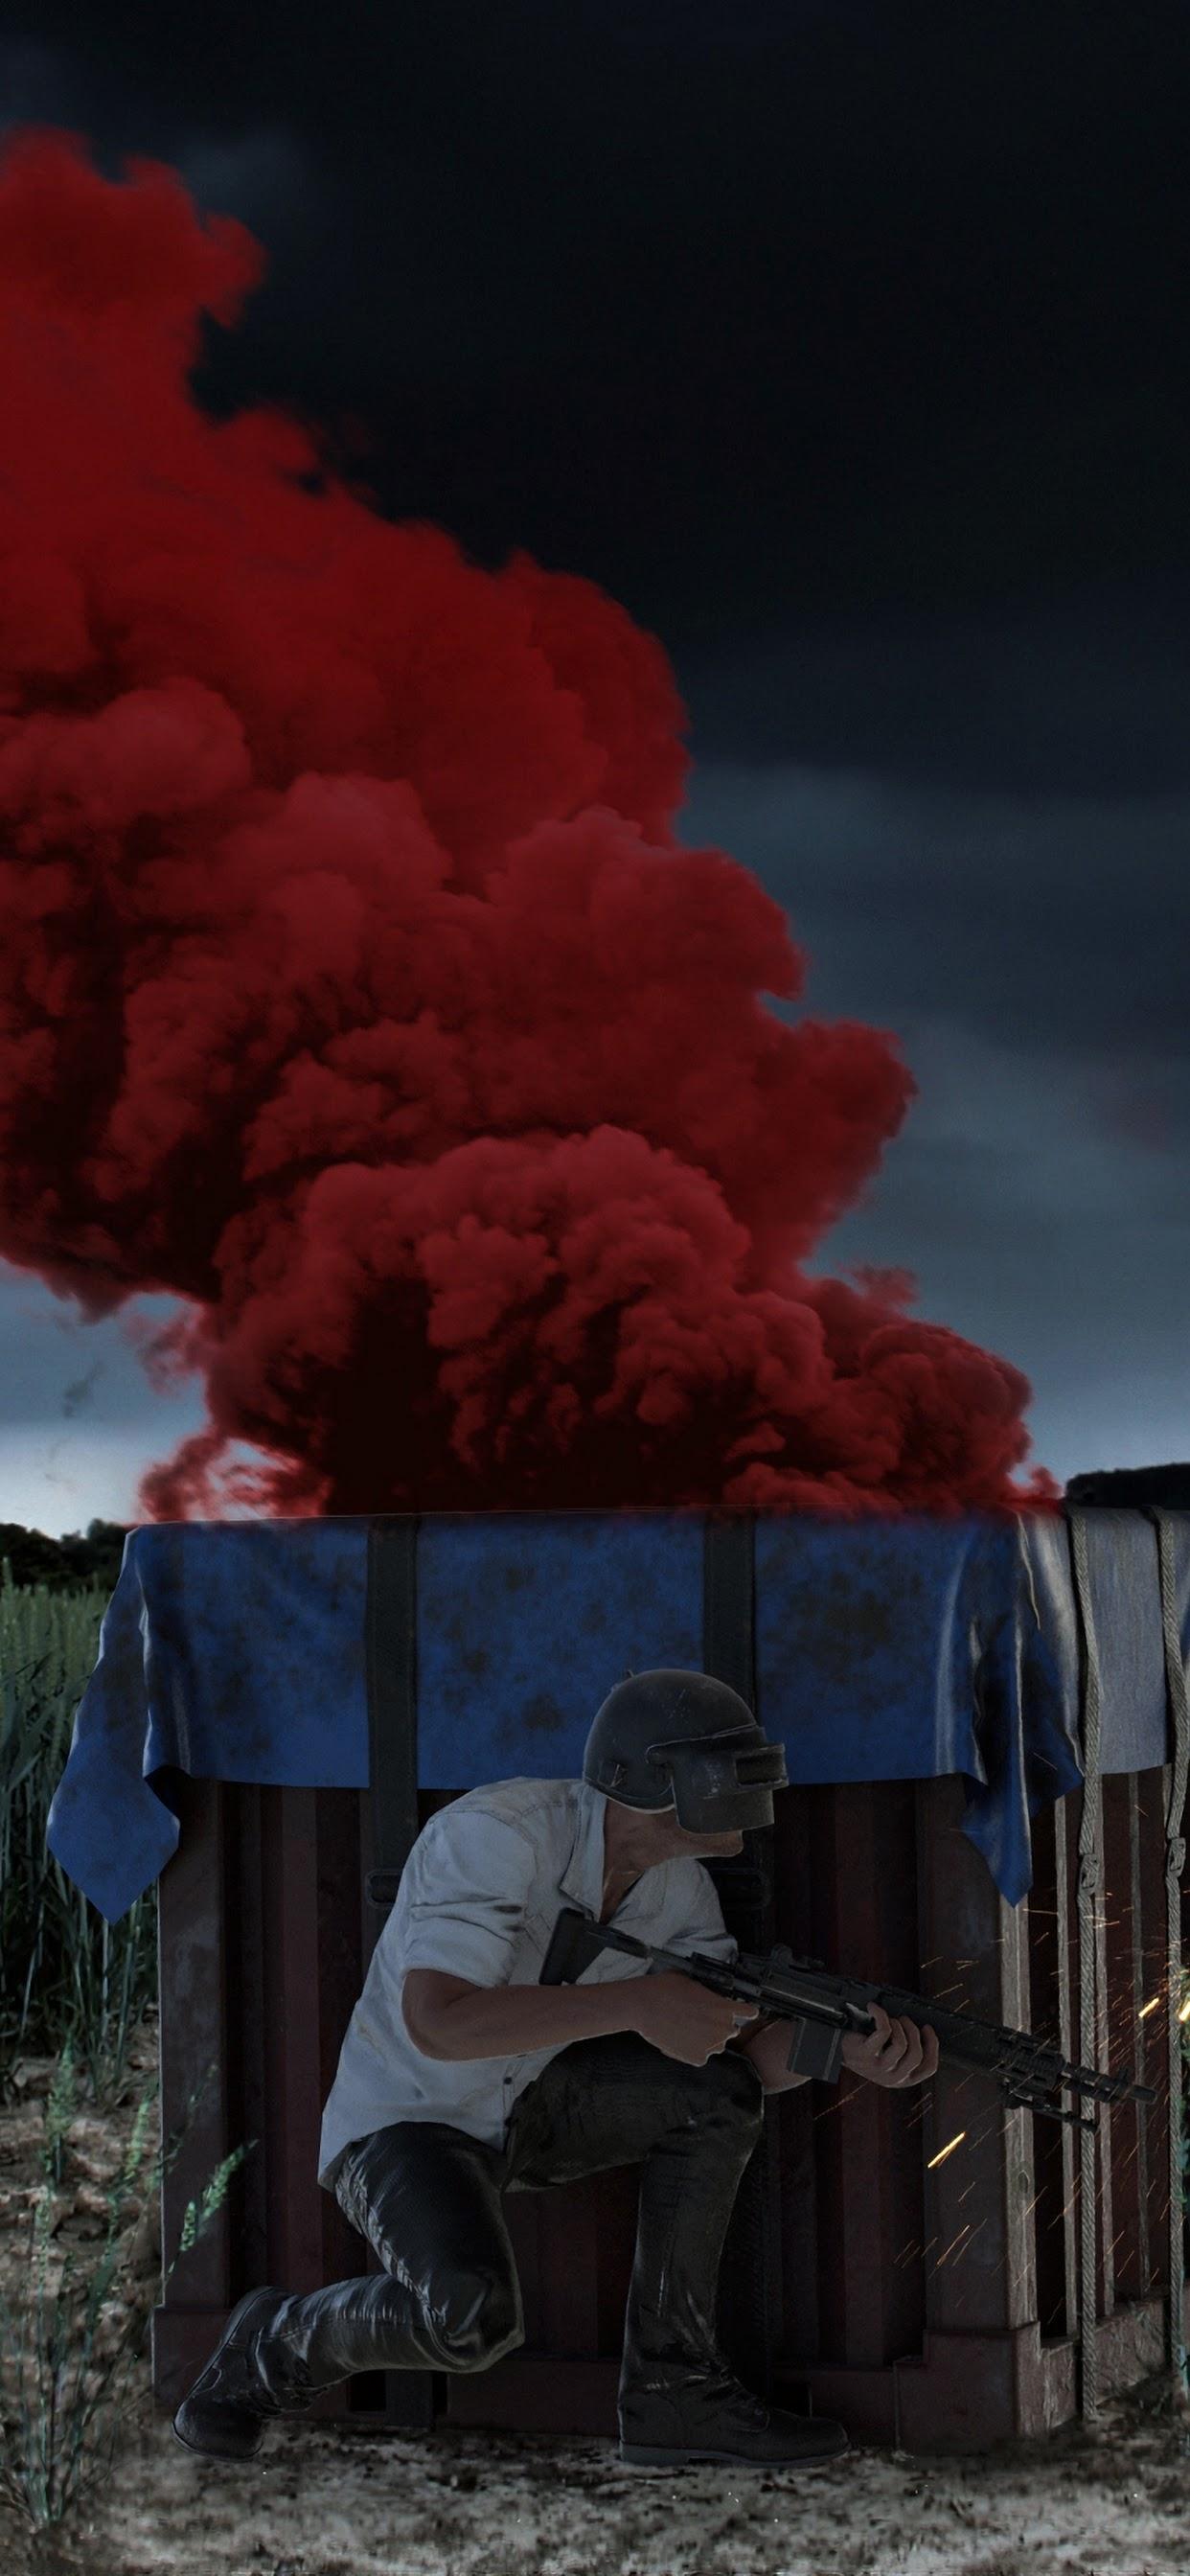 Pubg Air Drop Package Smoke Playerunknown S Battlegrounds 4k Wallpaper 56